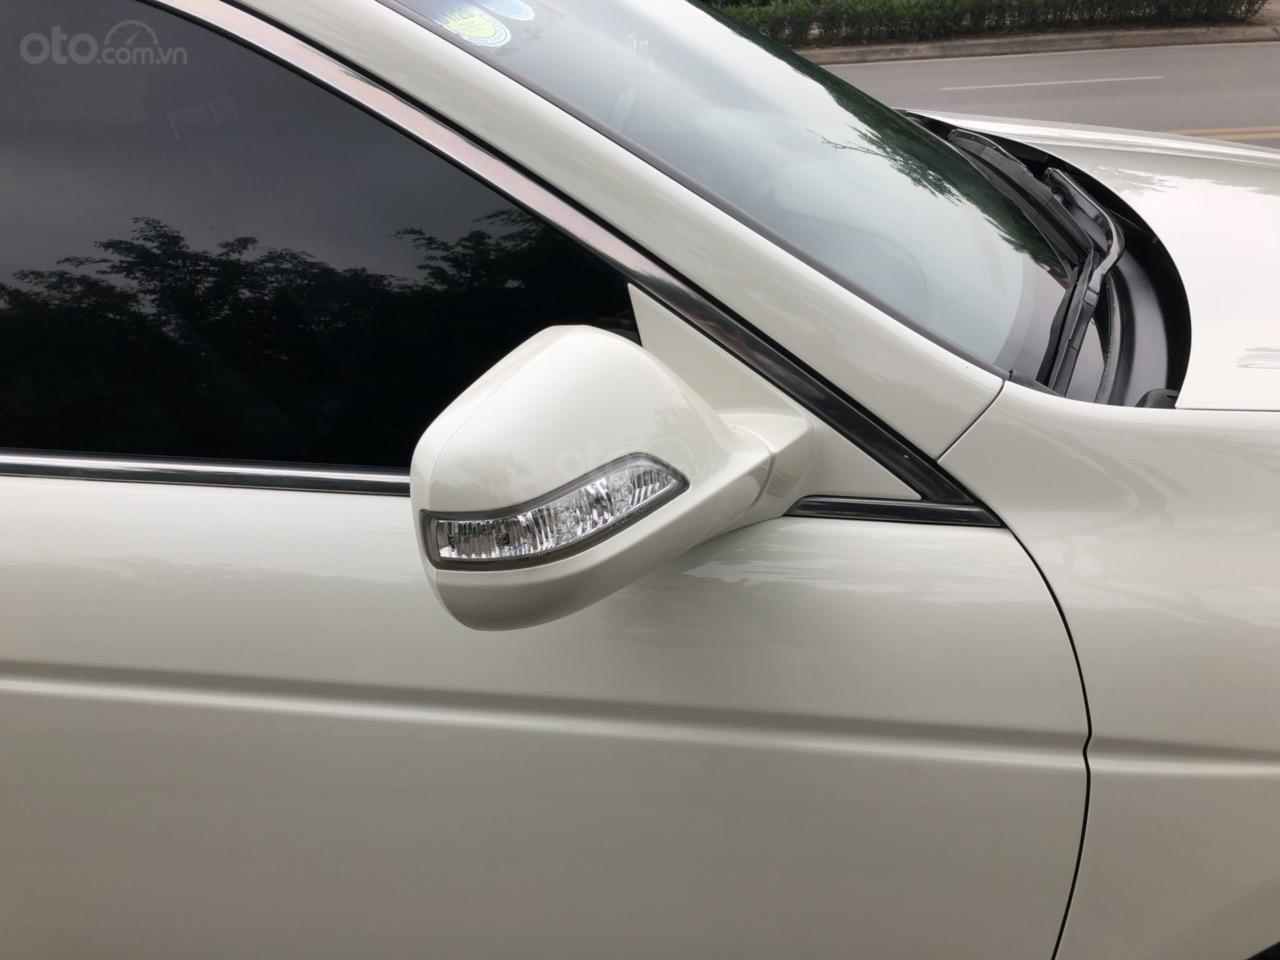 Bán Honda Accord 2.4S 2011 xe nhập, đẹp đến từng milimet, thật đấy-15